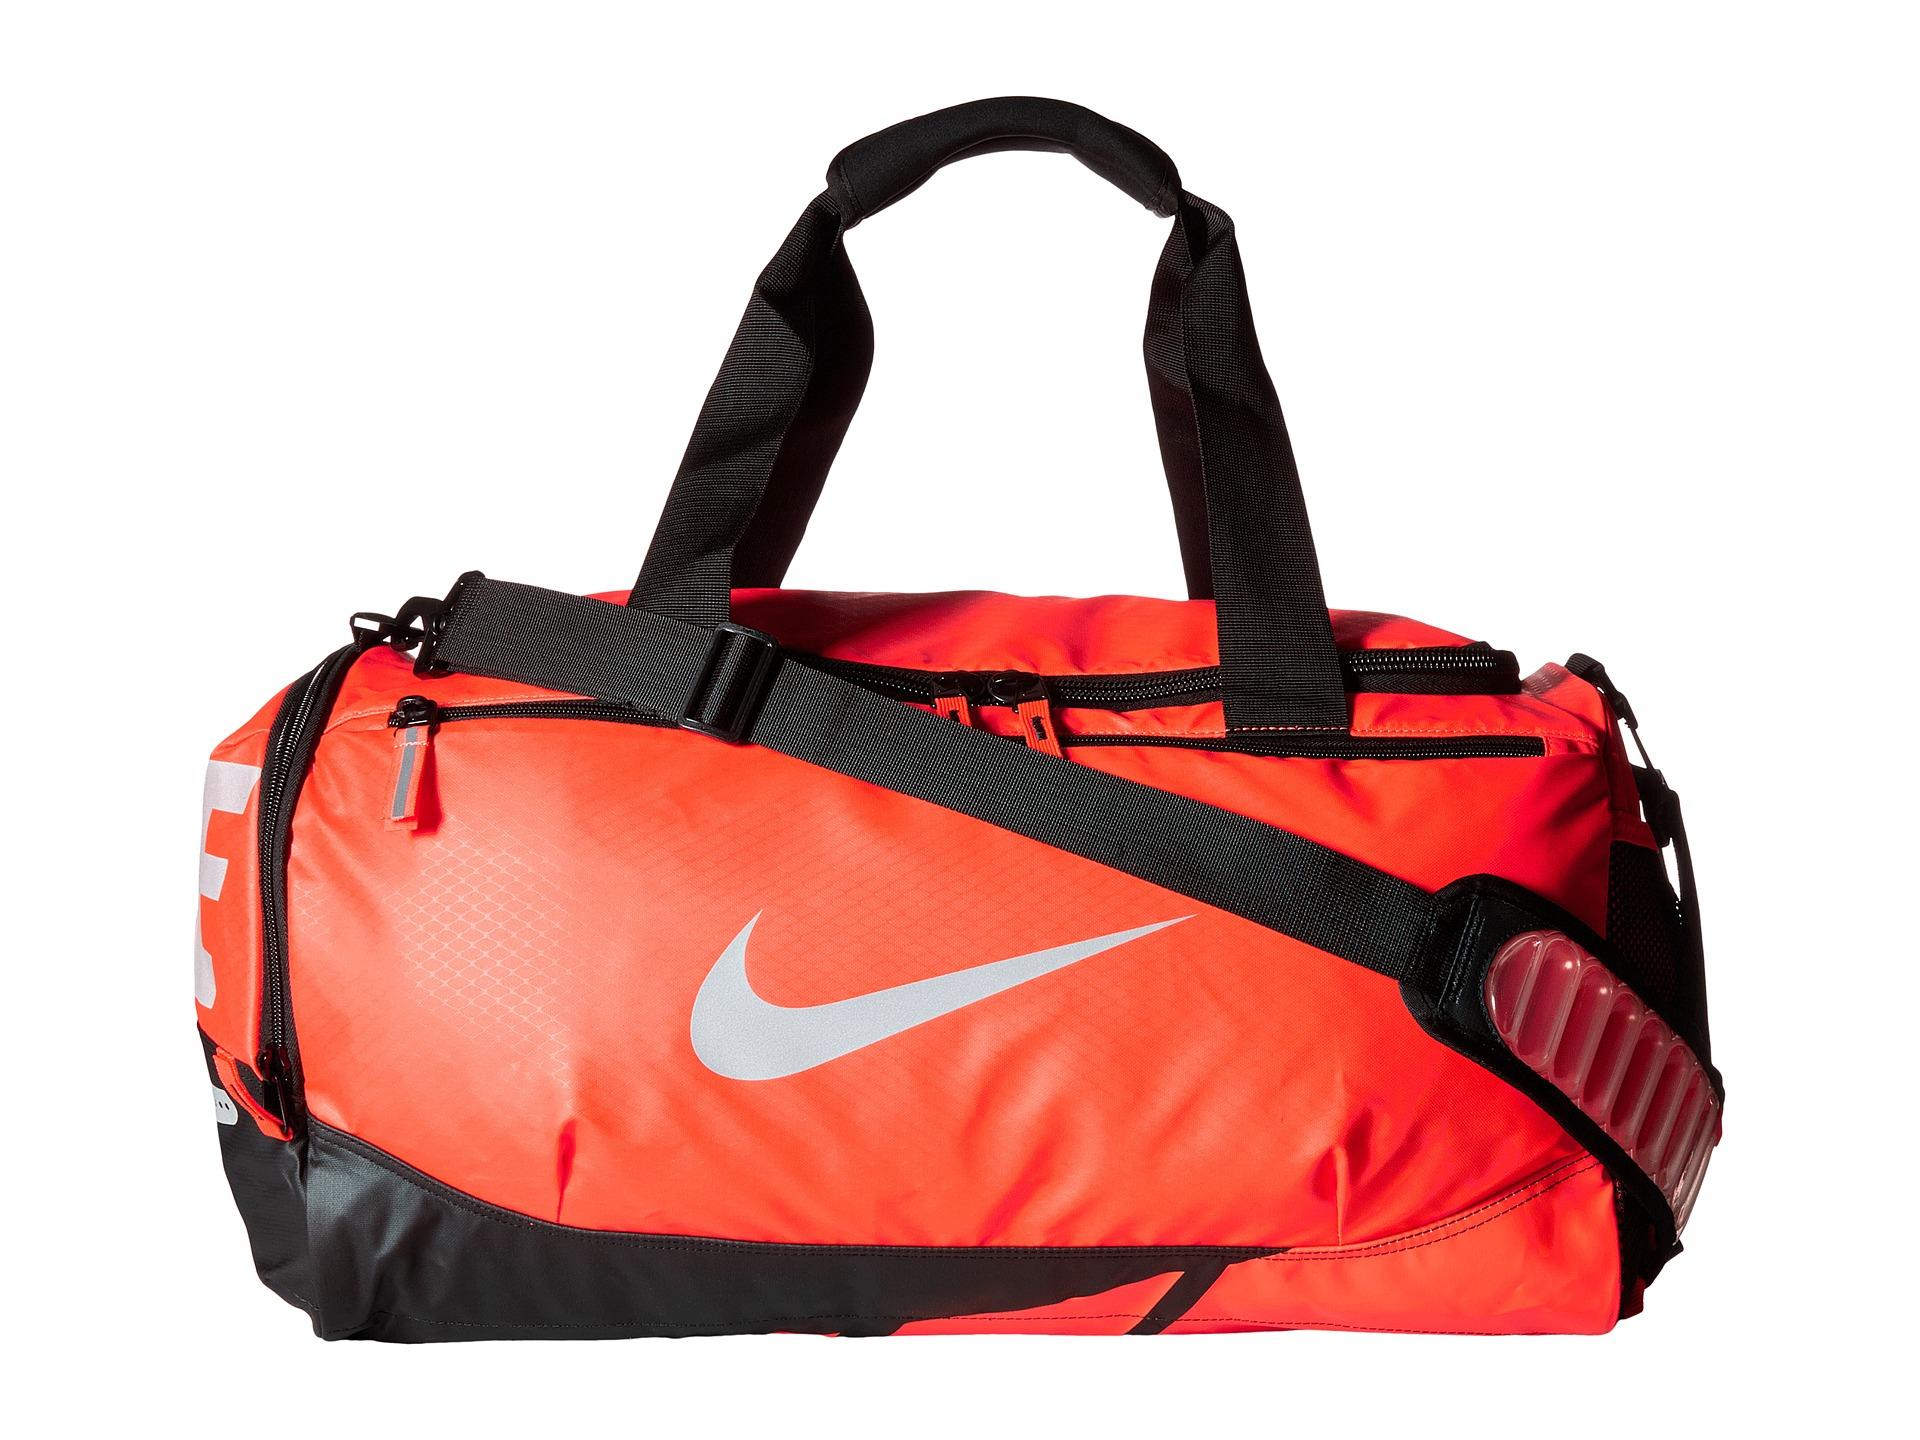 76af390ba Nike Vapor Max Air Small Duffel in Orange - Lyst